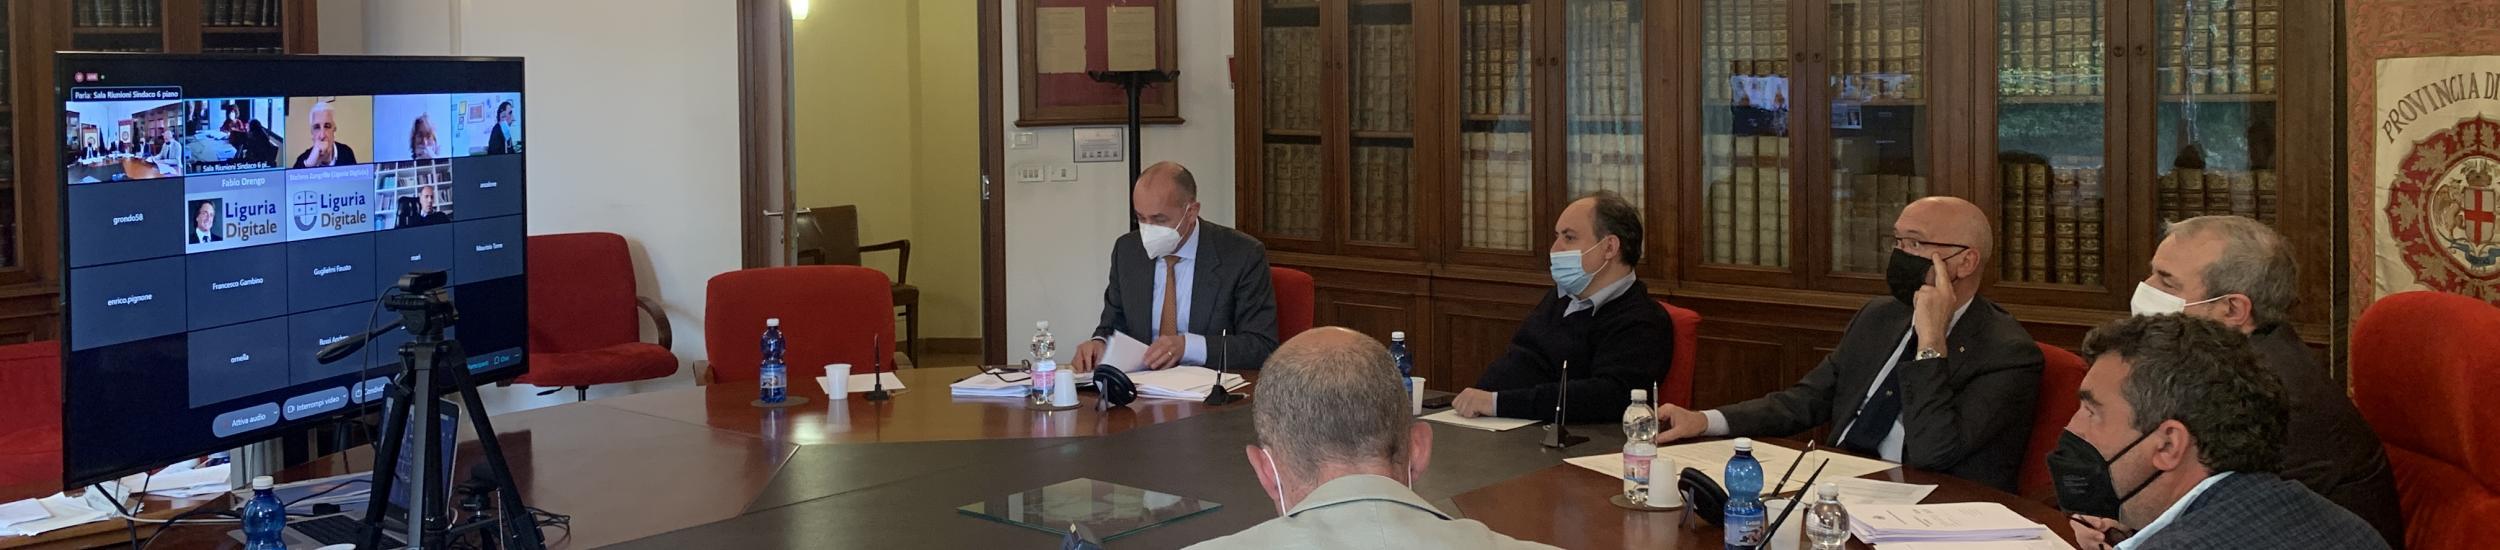 Alcuni Consiglieri collegati in videoconferenza da P.le Mazzini